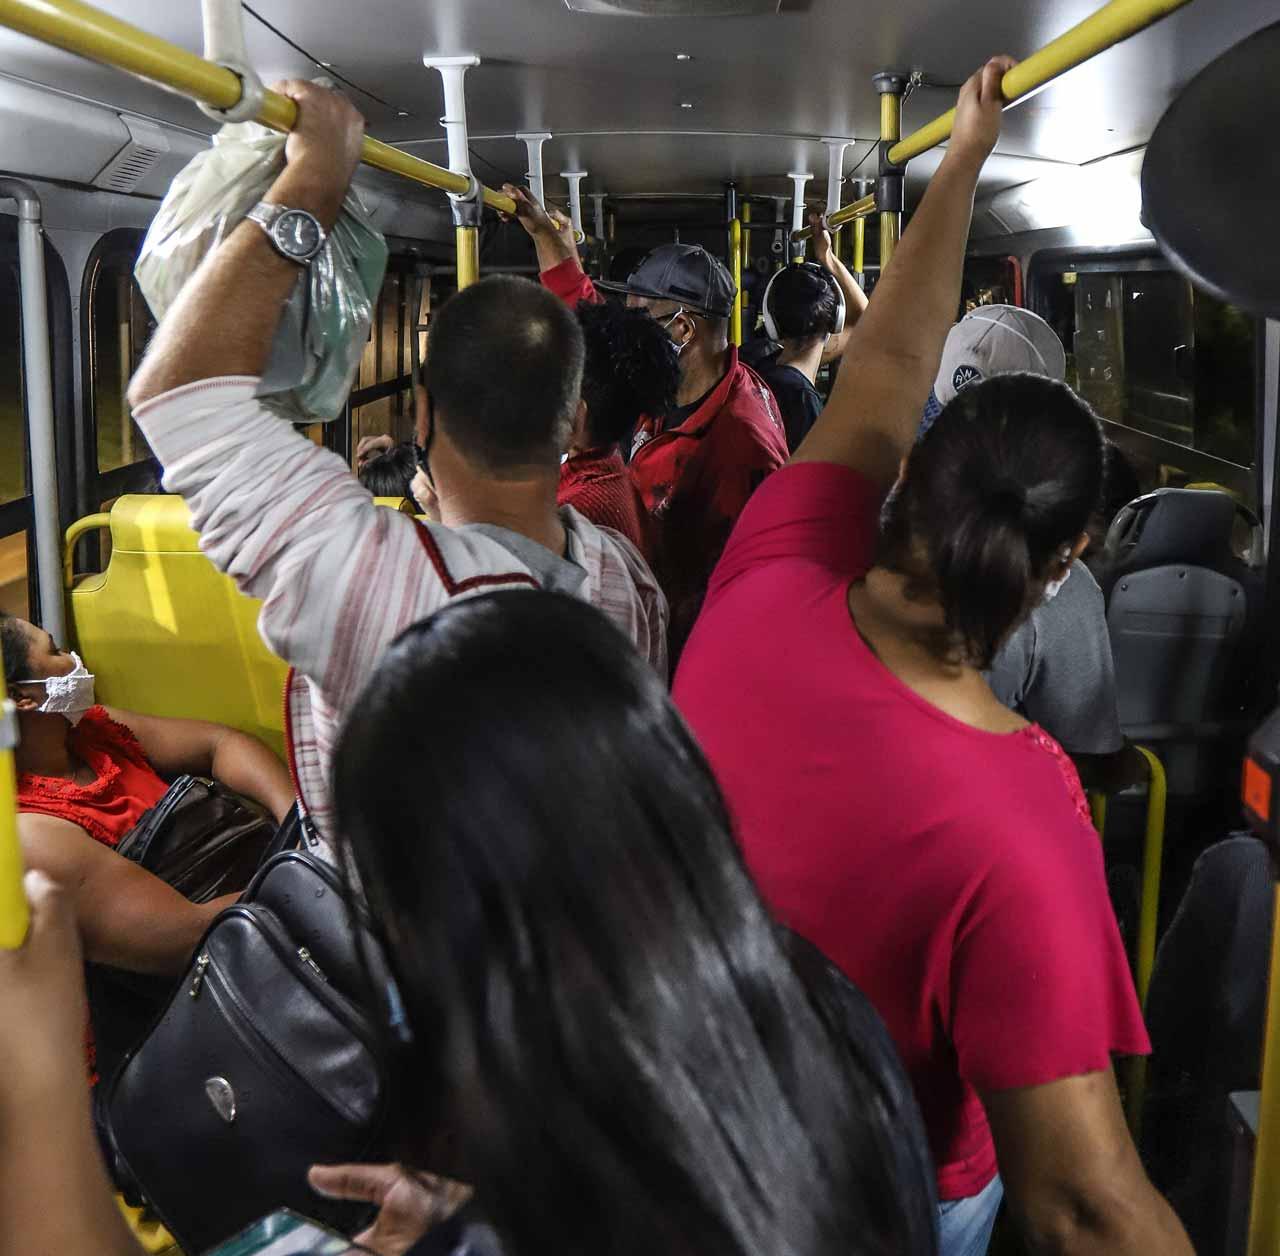 Em 2020, a linha 3787 recebeu 122 reclamações; de janeiro a abril deste ano, já foram 81 - Foto: Flávio Tavares